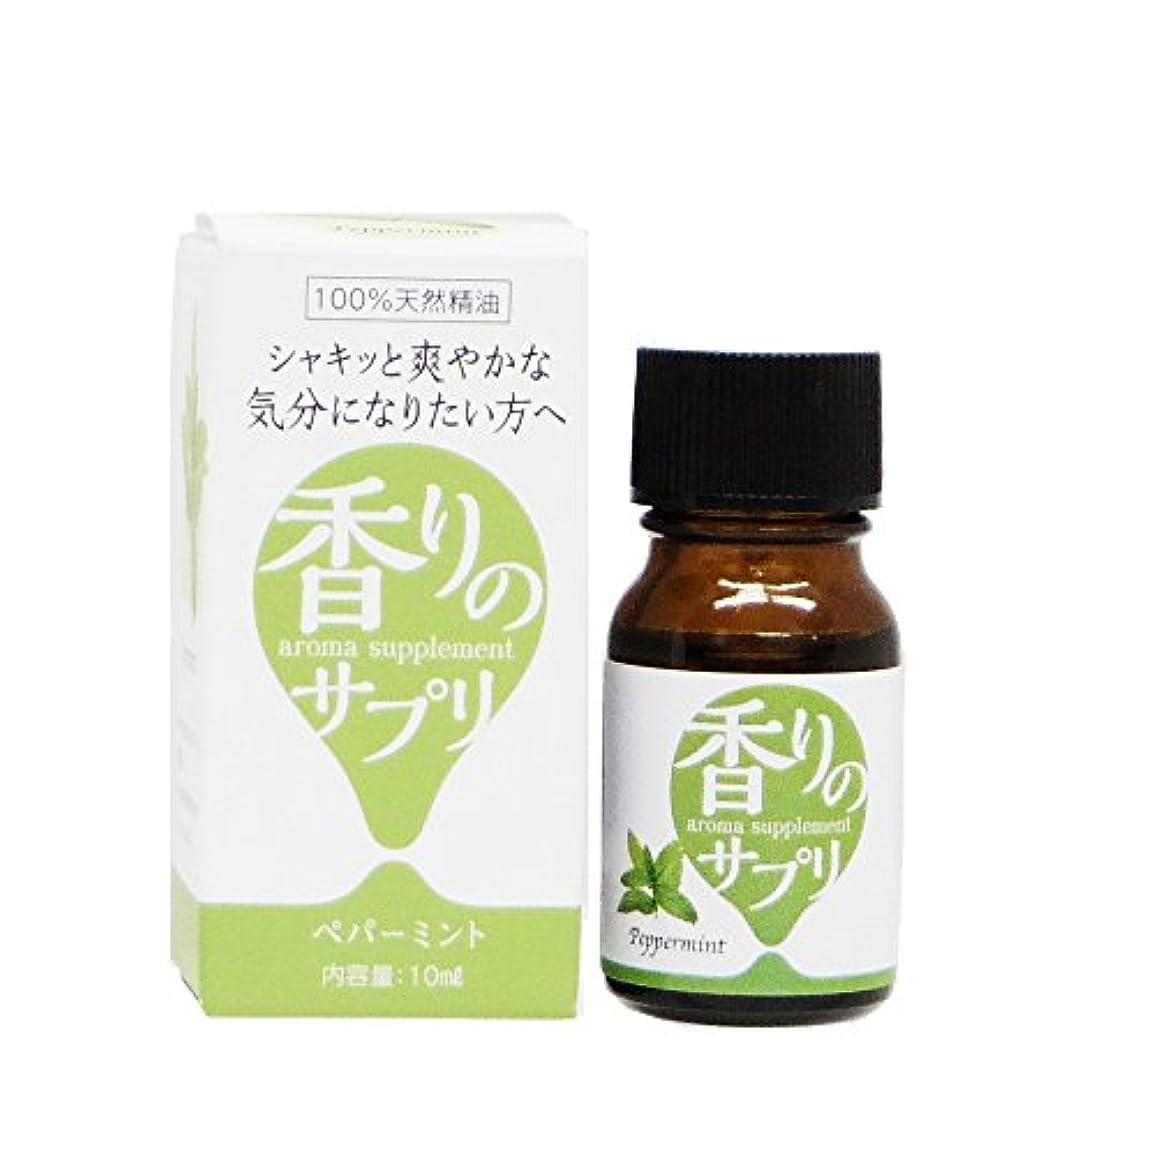 影響するレクリエーション描写香りのサプリ ペパーミント エッセンシャルオイル10ml 384218